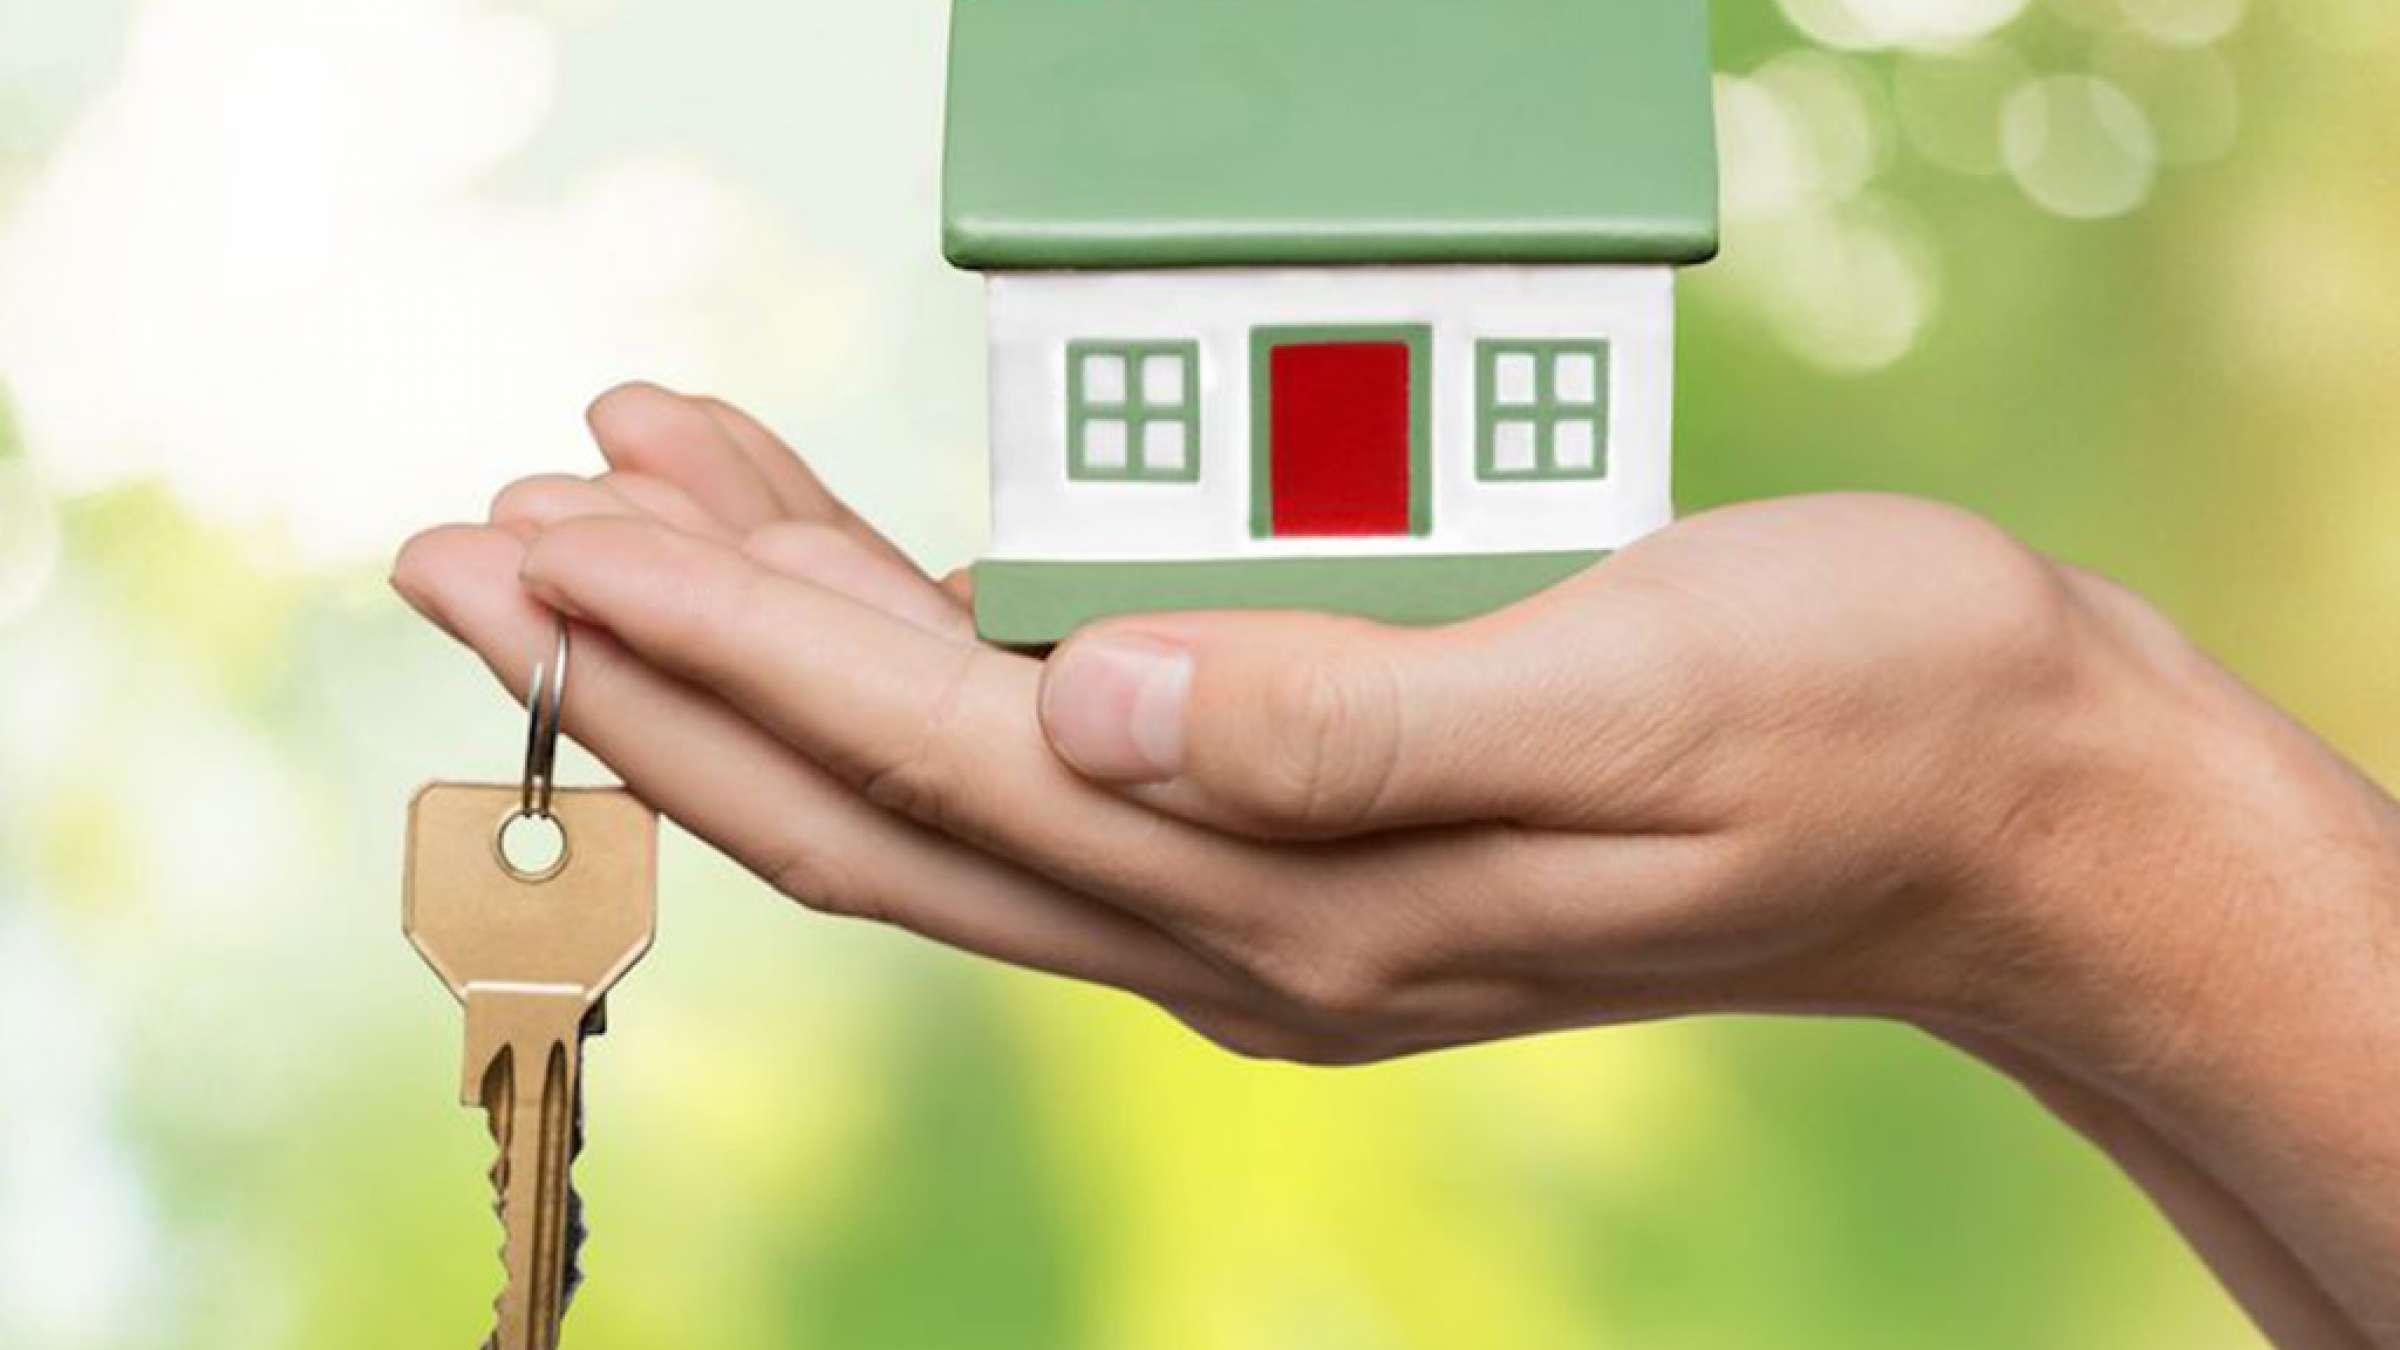 اخبار-تورنتو-میزان-فروش-و-قیمت-خانه-های-تورنتو-افزایش-یافت